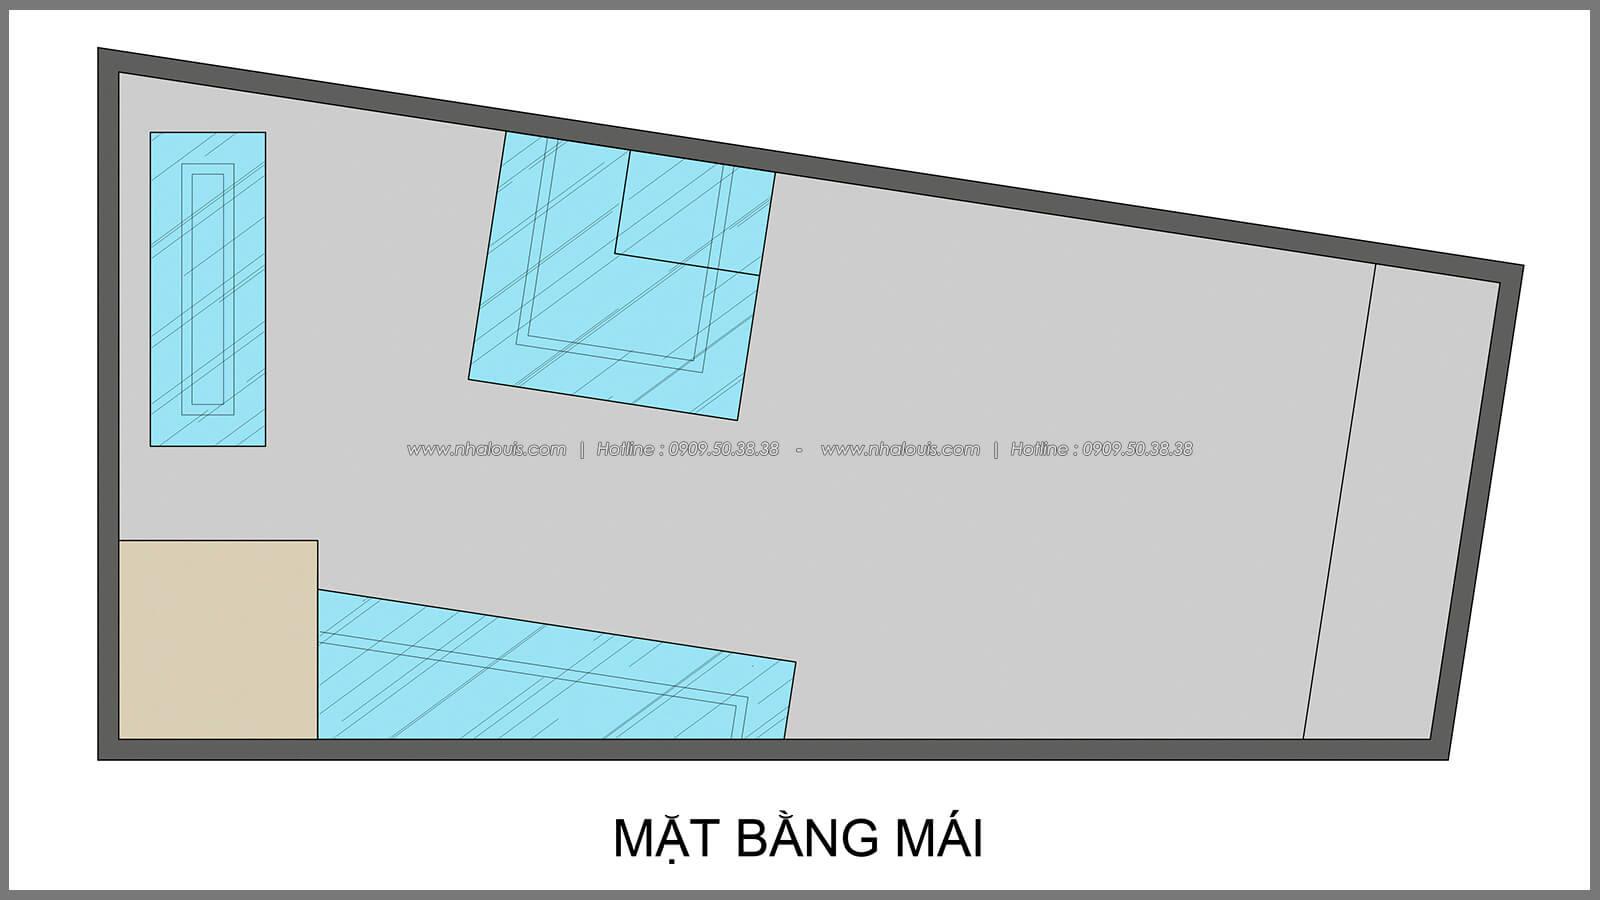 Mặt bằng mái thiết kế nhà có tầng hầm của chị Lan tại Quận 1 - 31